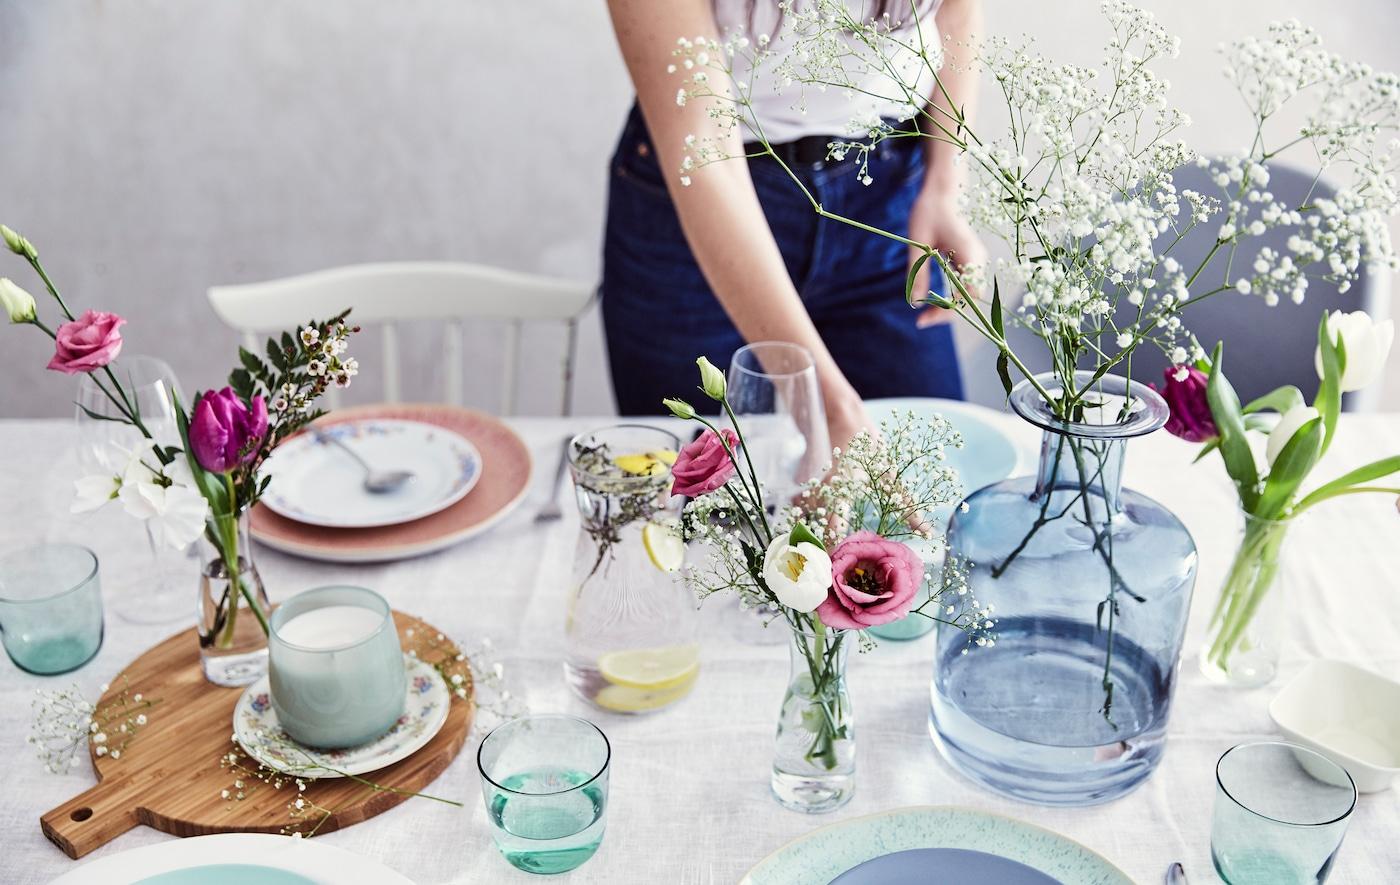 Stół nakryty pastelową zastawą stołową i świeżymi kwiatami w szklanych wazonach o różnych kształtach i rozmiarach, z drewnianą deską i bawełnianym obrusem.